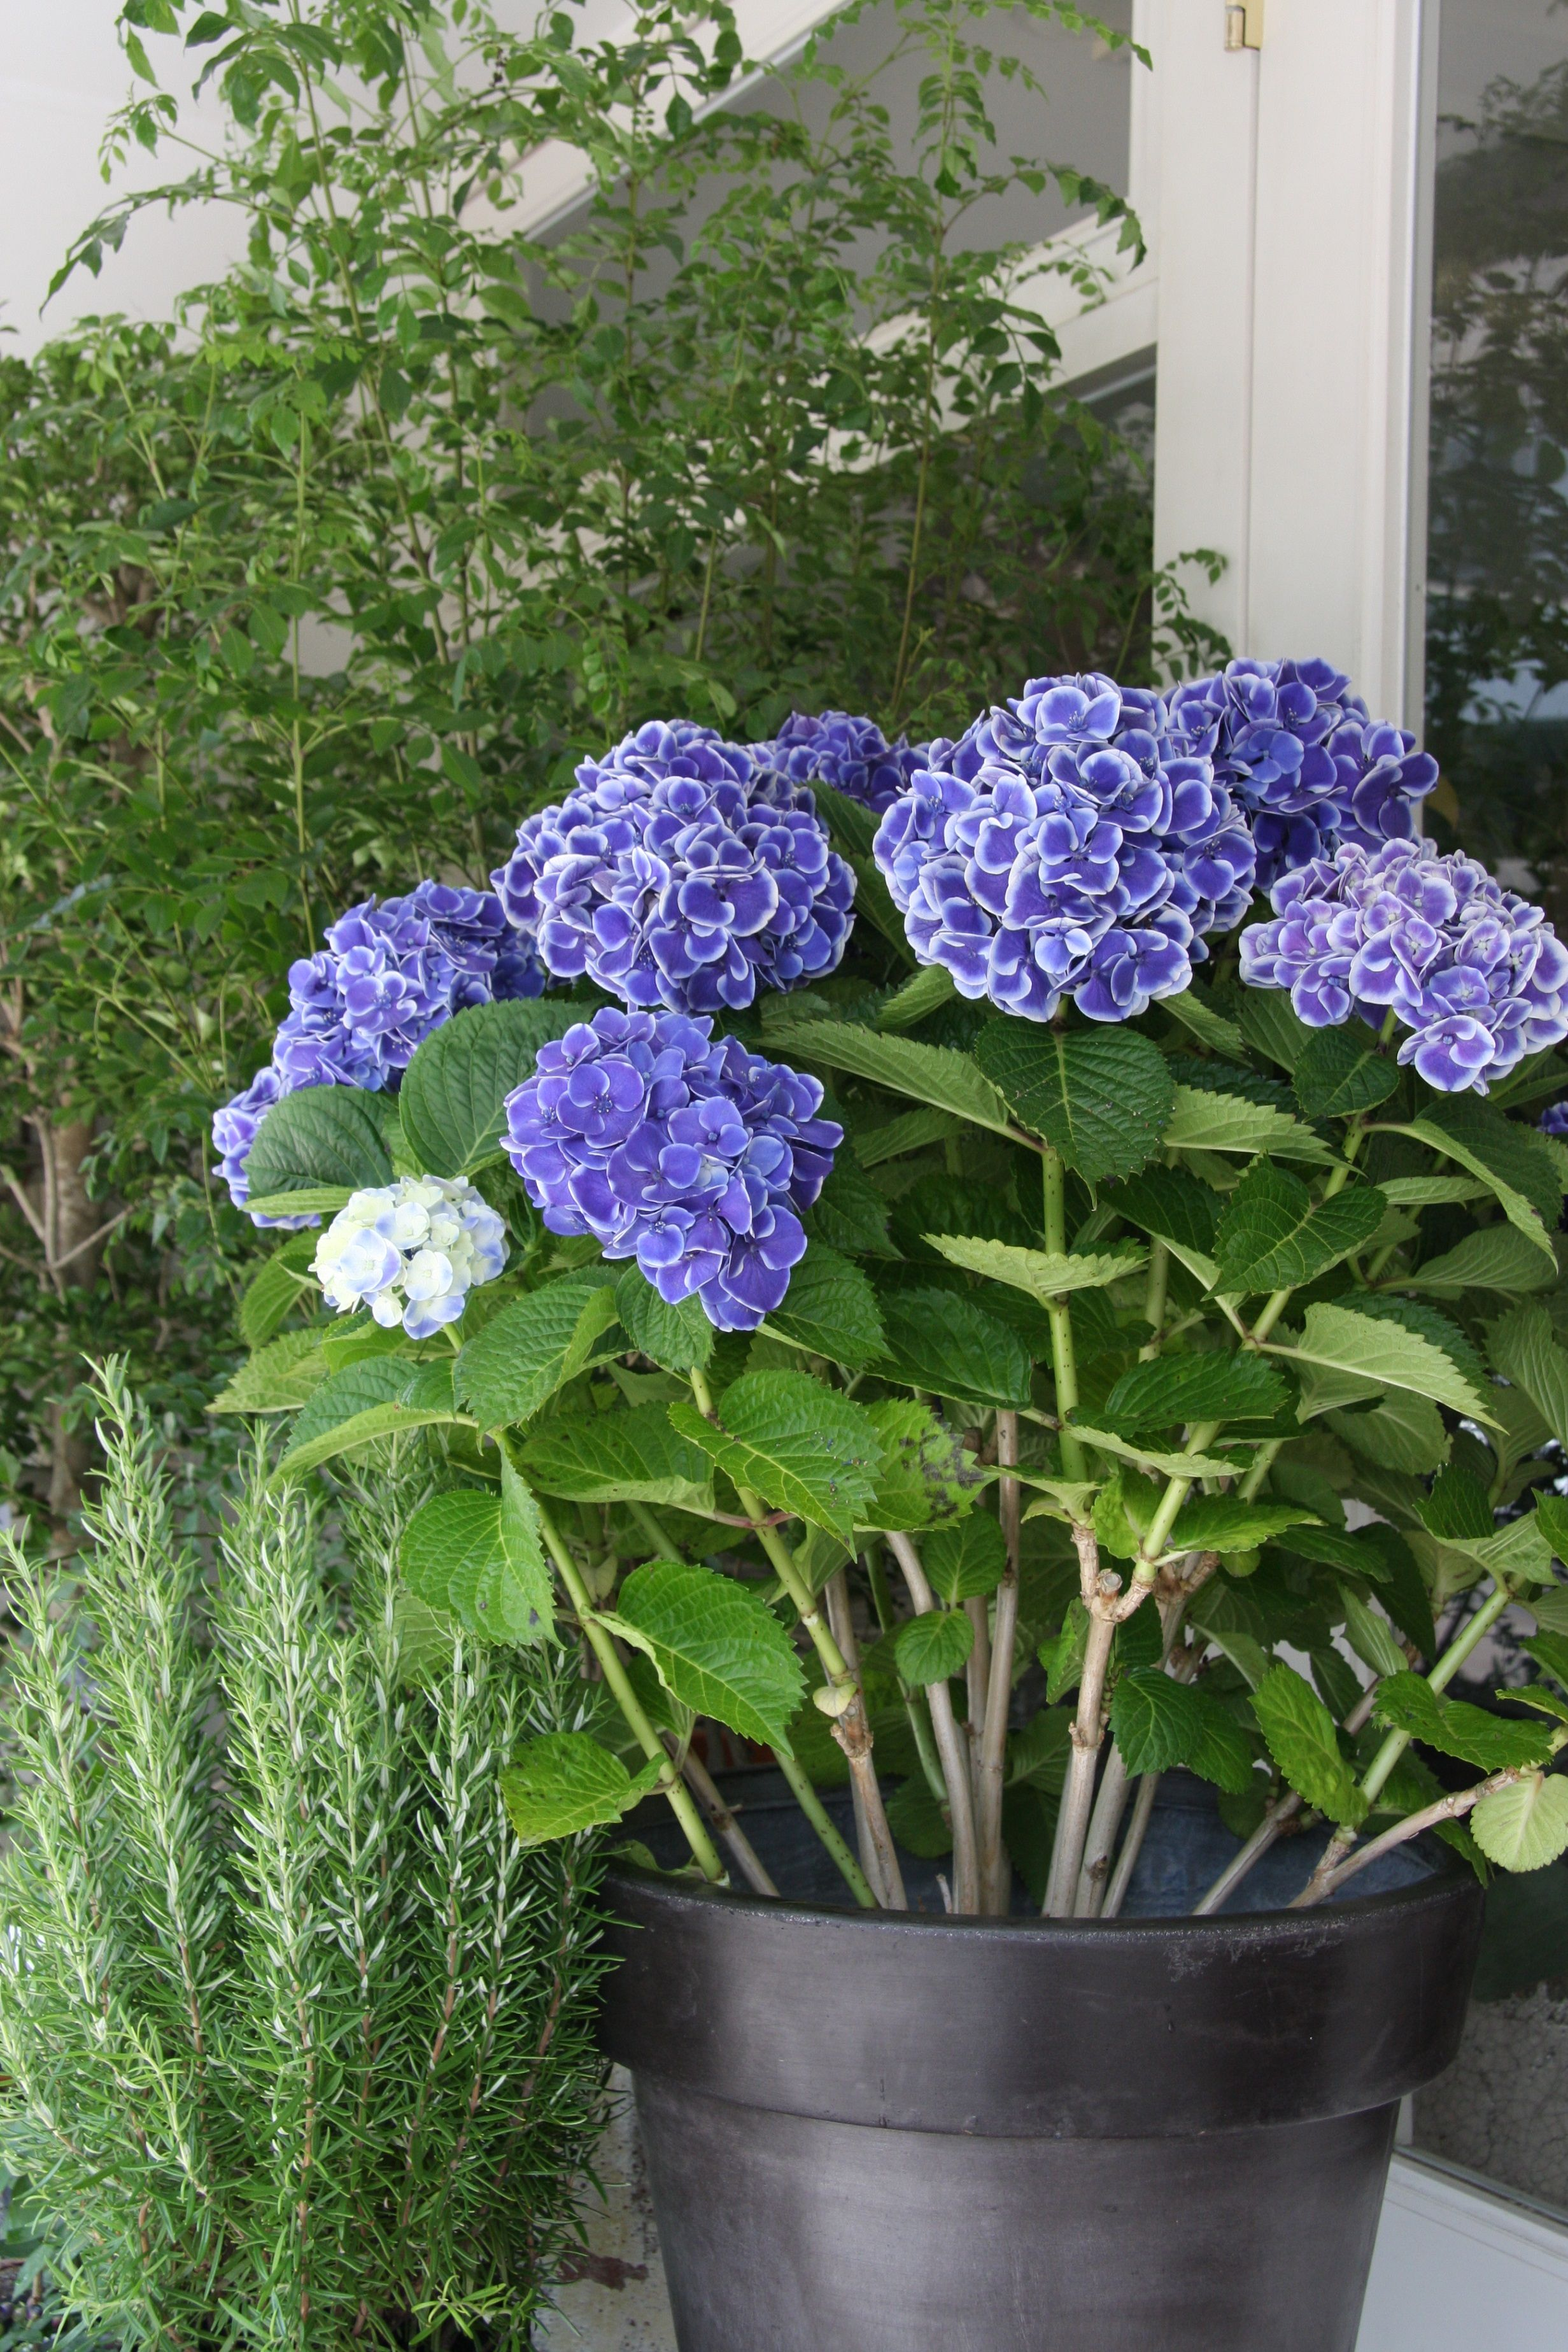 Hydrangea Beautiful Hydrangeas Flower Garden Hydrangea